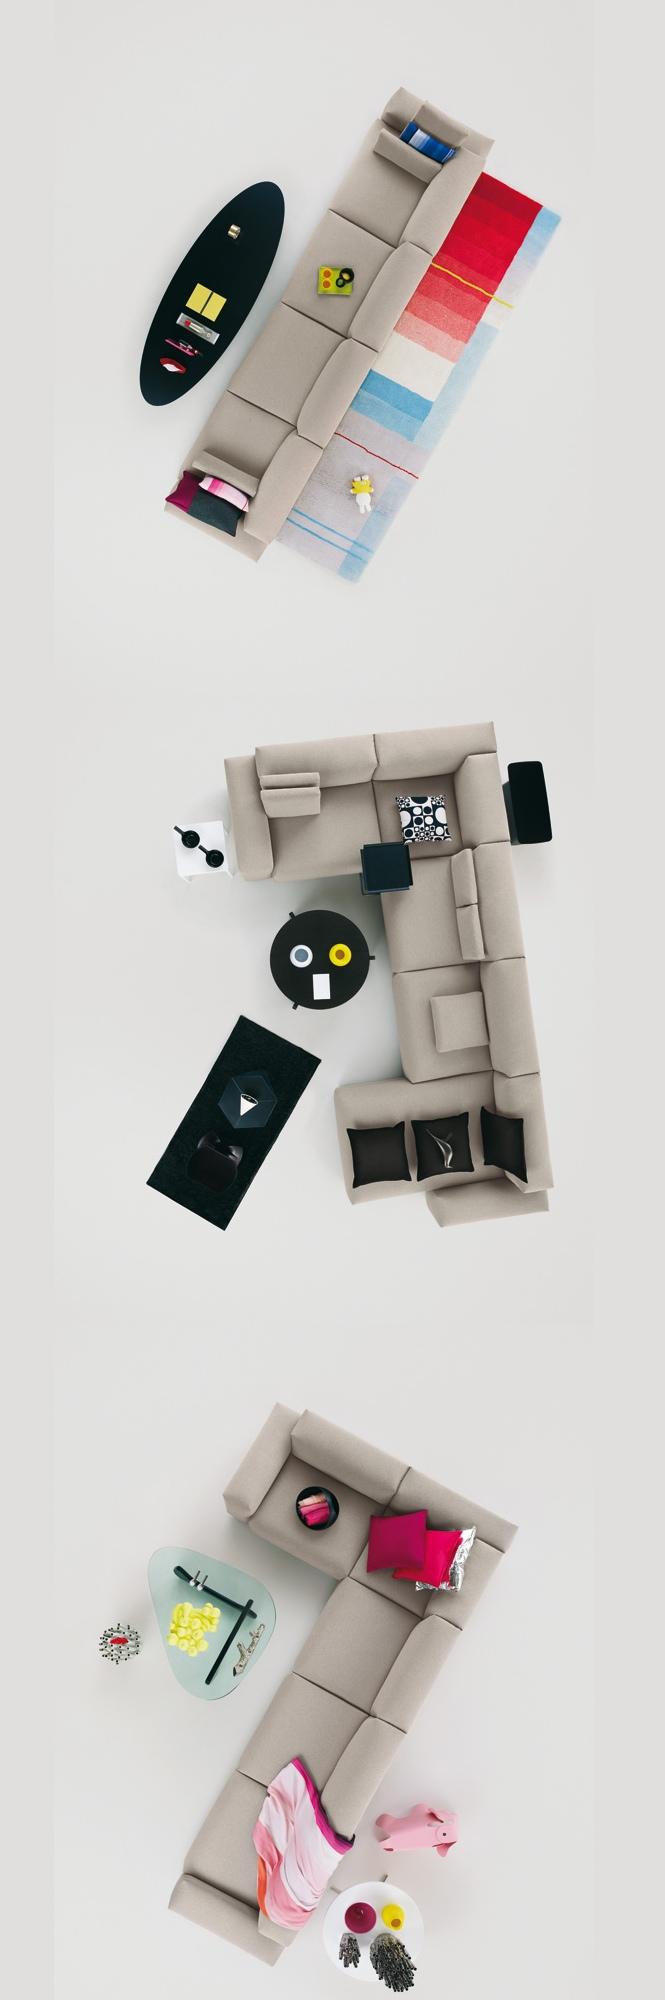 Mẫu sofa hiện đại cho phòng khách - Mẫu 05